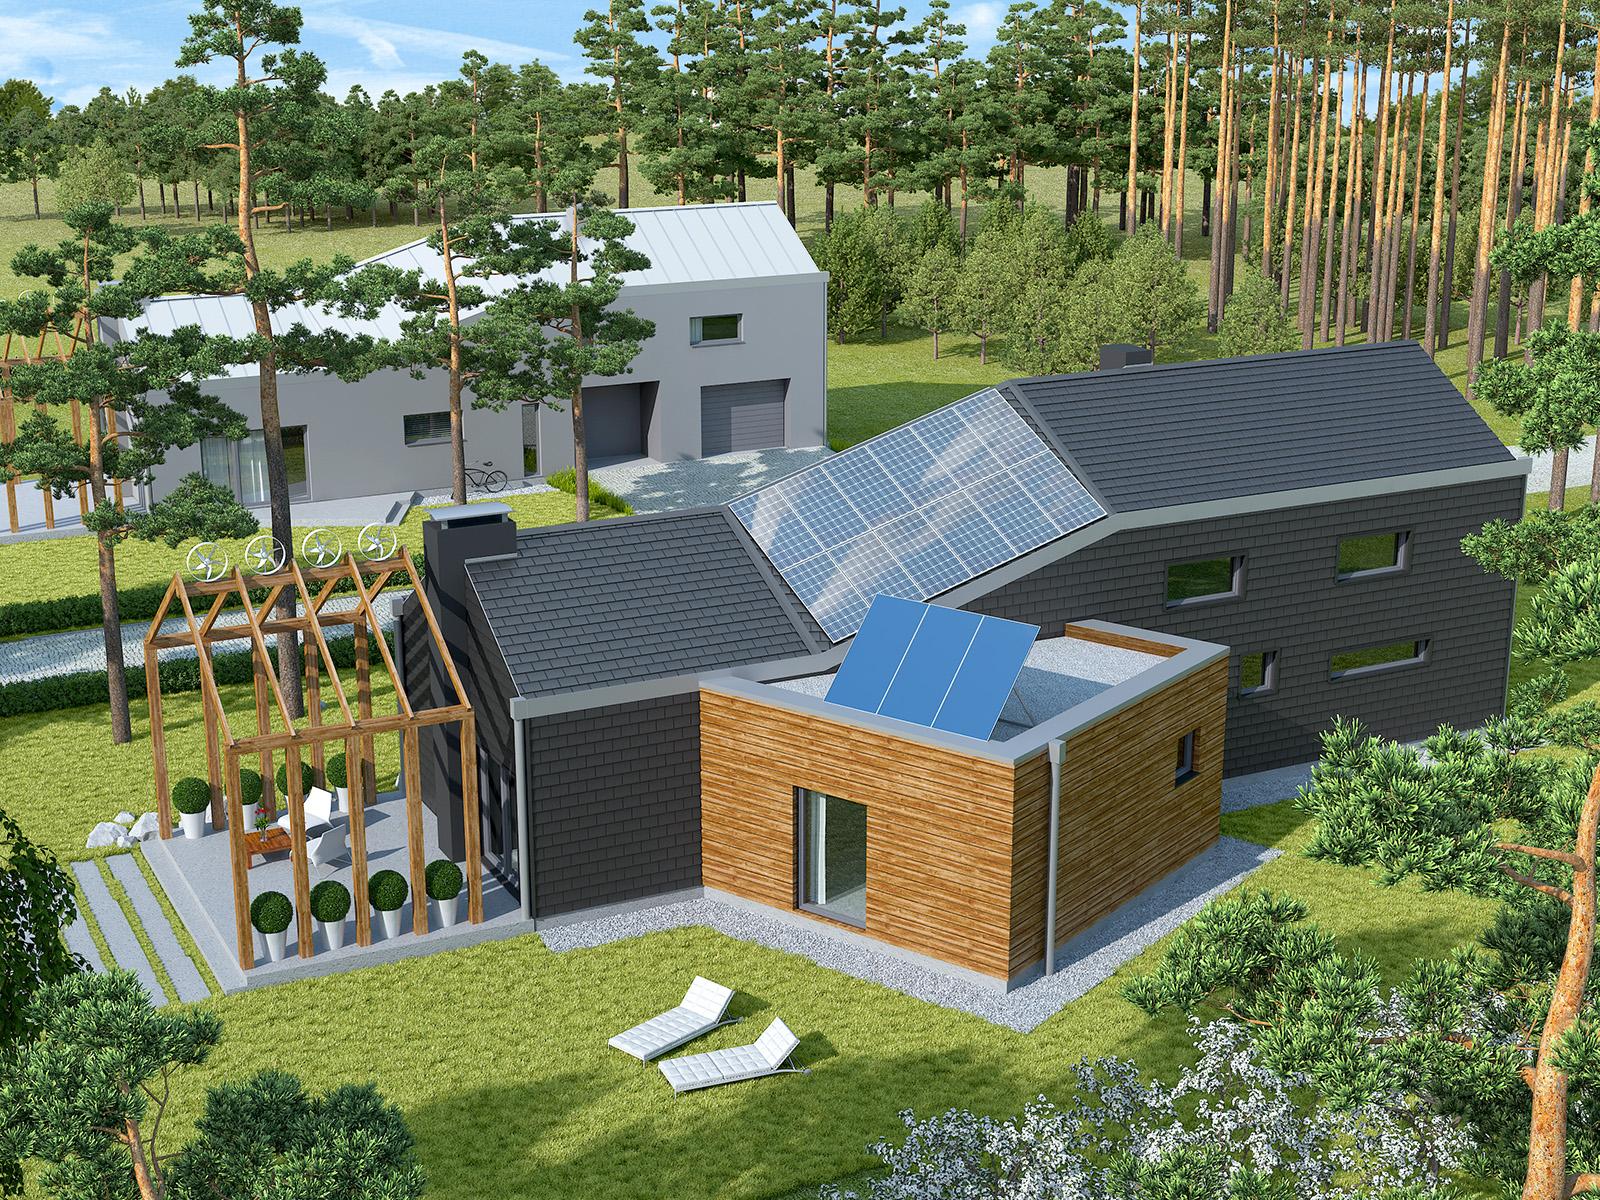 Projekt domu ZYGZAK Domy Czystej Energii widok od ogrodu